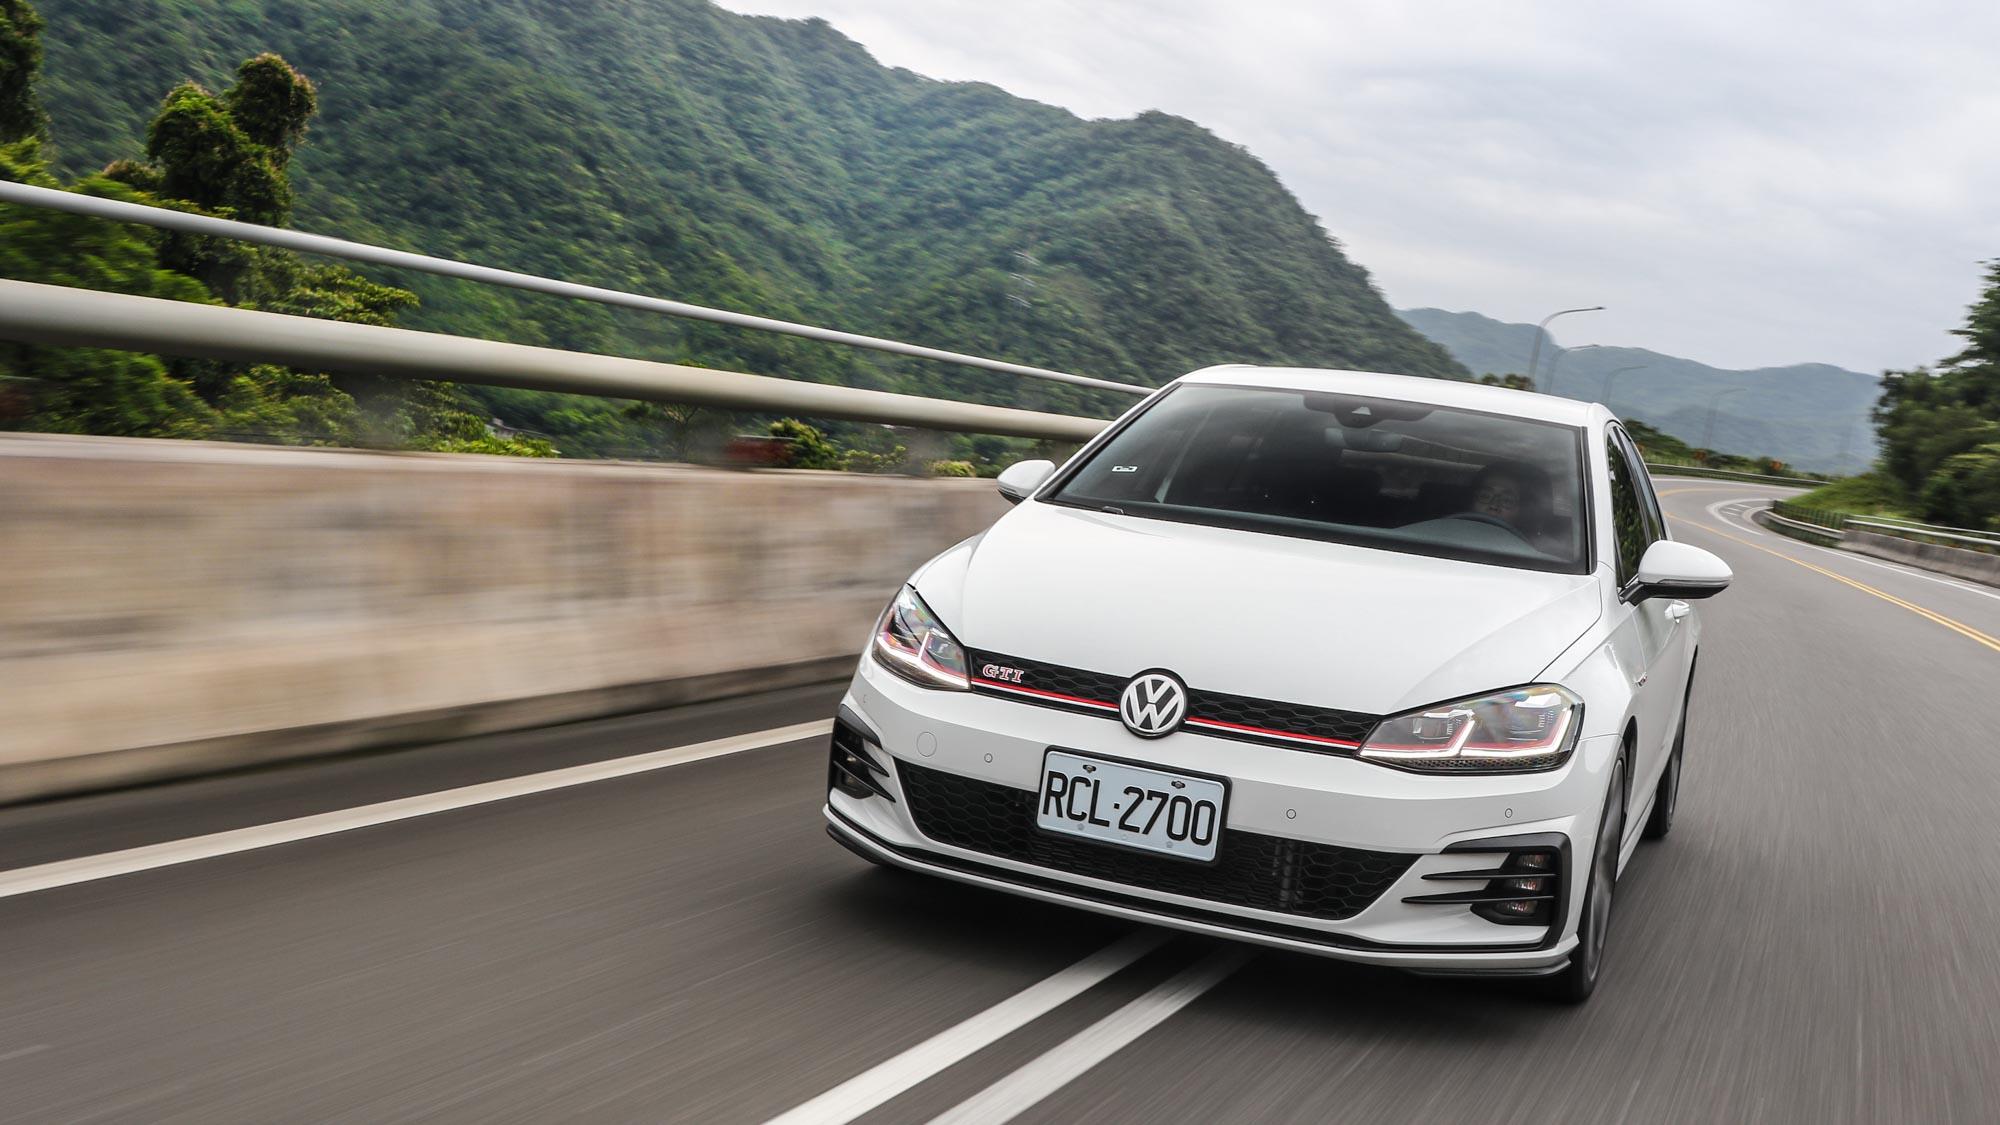 零妥協!Golf GTI Performance Pure 機能與性能的雙能鋼砲